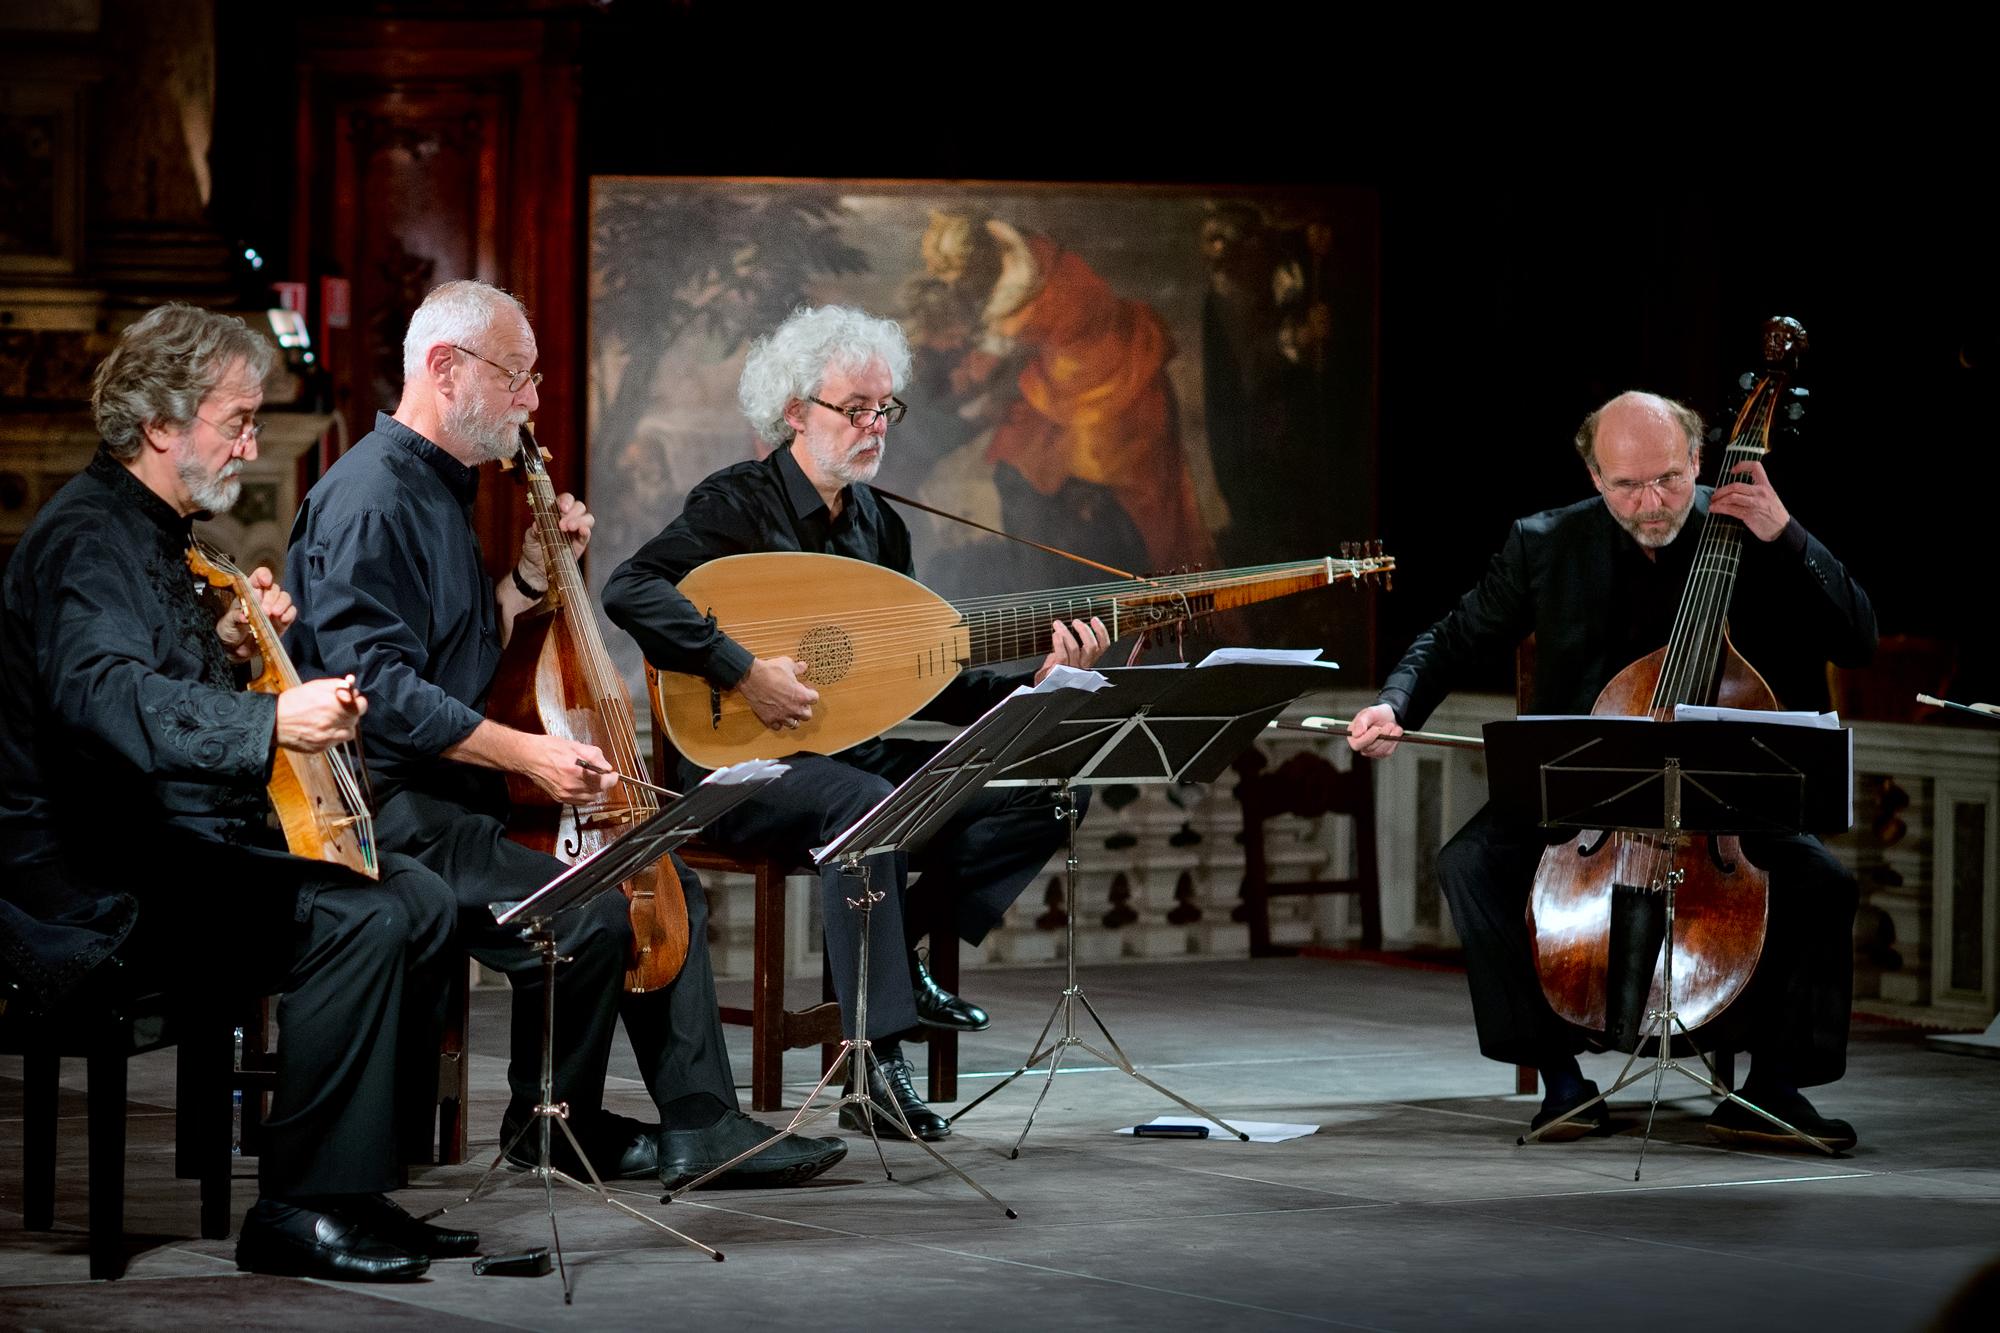 venice concert Monteverdi Vivaldi 2014 - Scuola Grande di San Rocco - laure jacquemin (10)